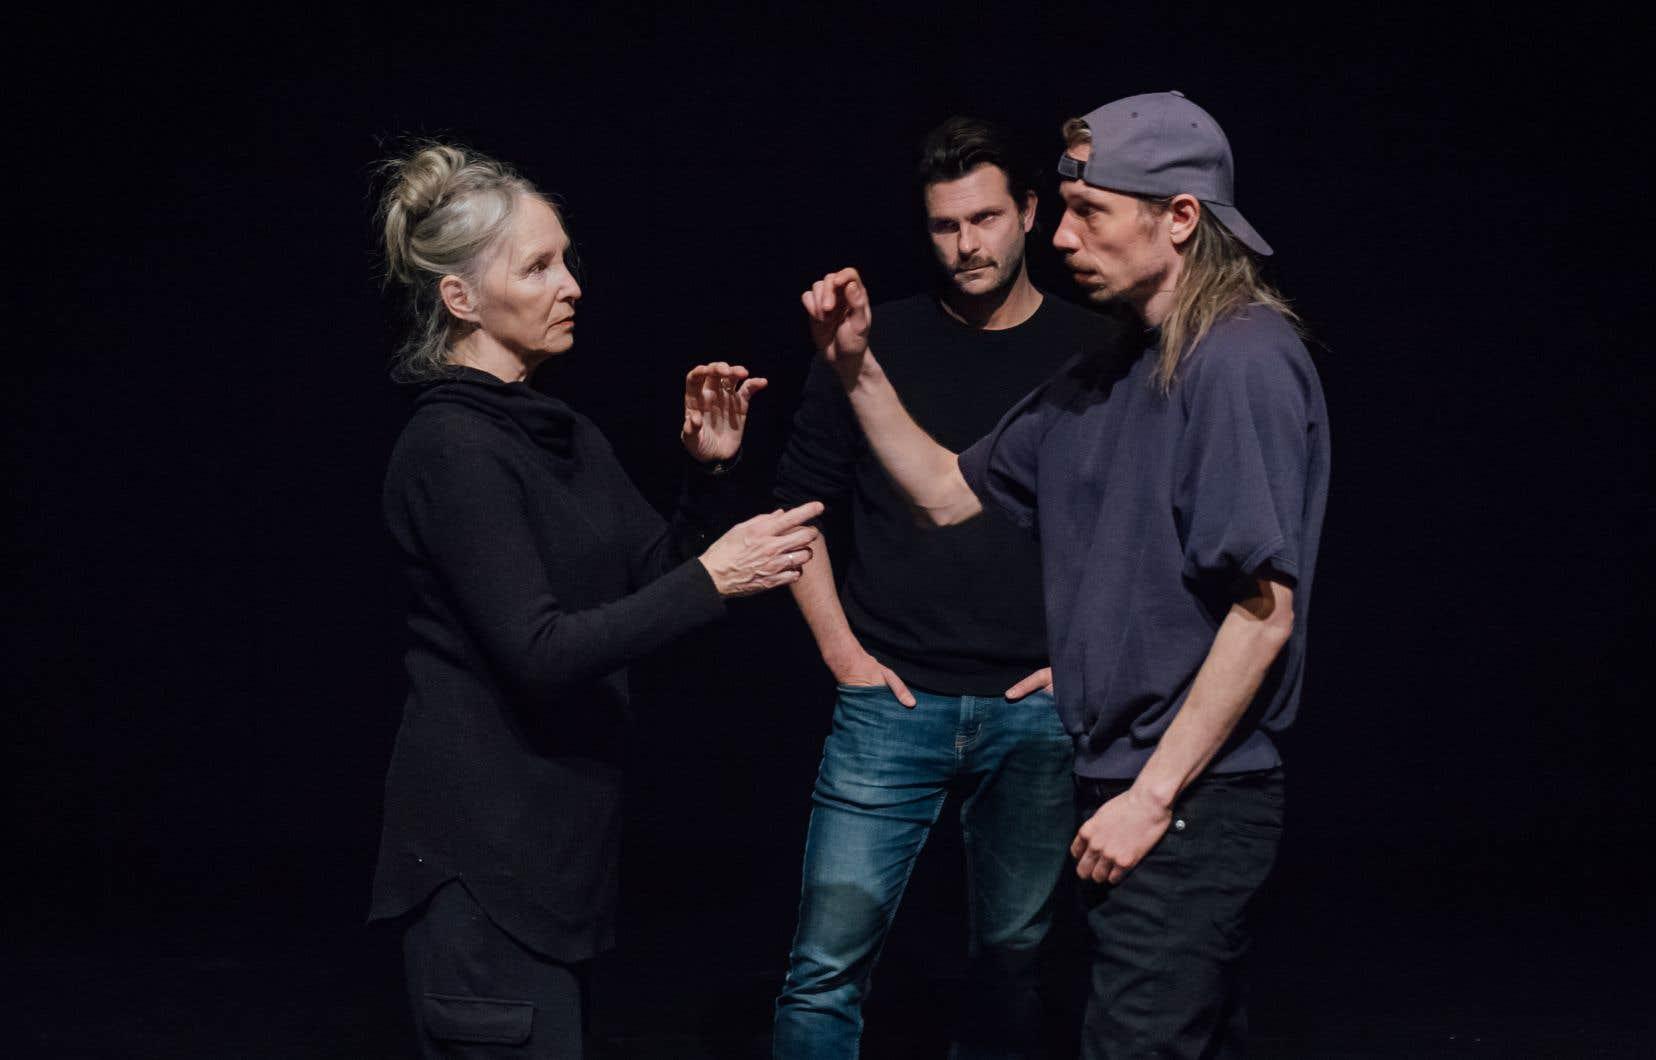 Les metteurs en scène Jérémie Niel (au centre) et Félix-Antoine Boutin (à droite), avec la chorégraphe Louise Bédard, en répétition